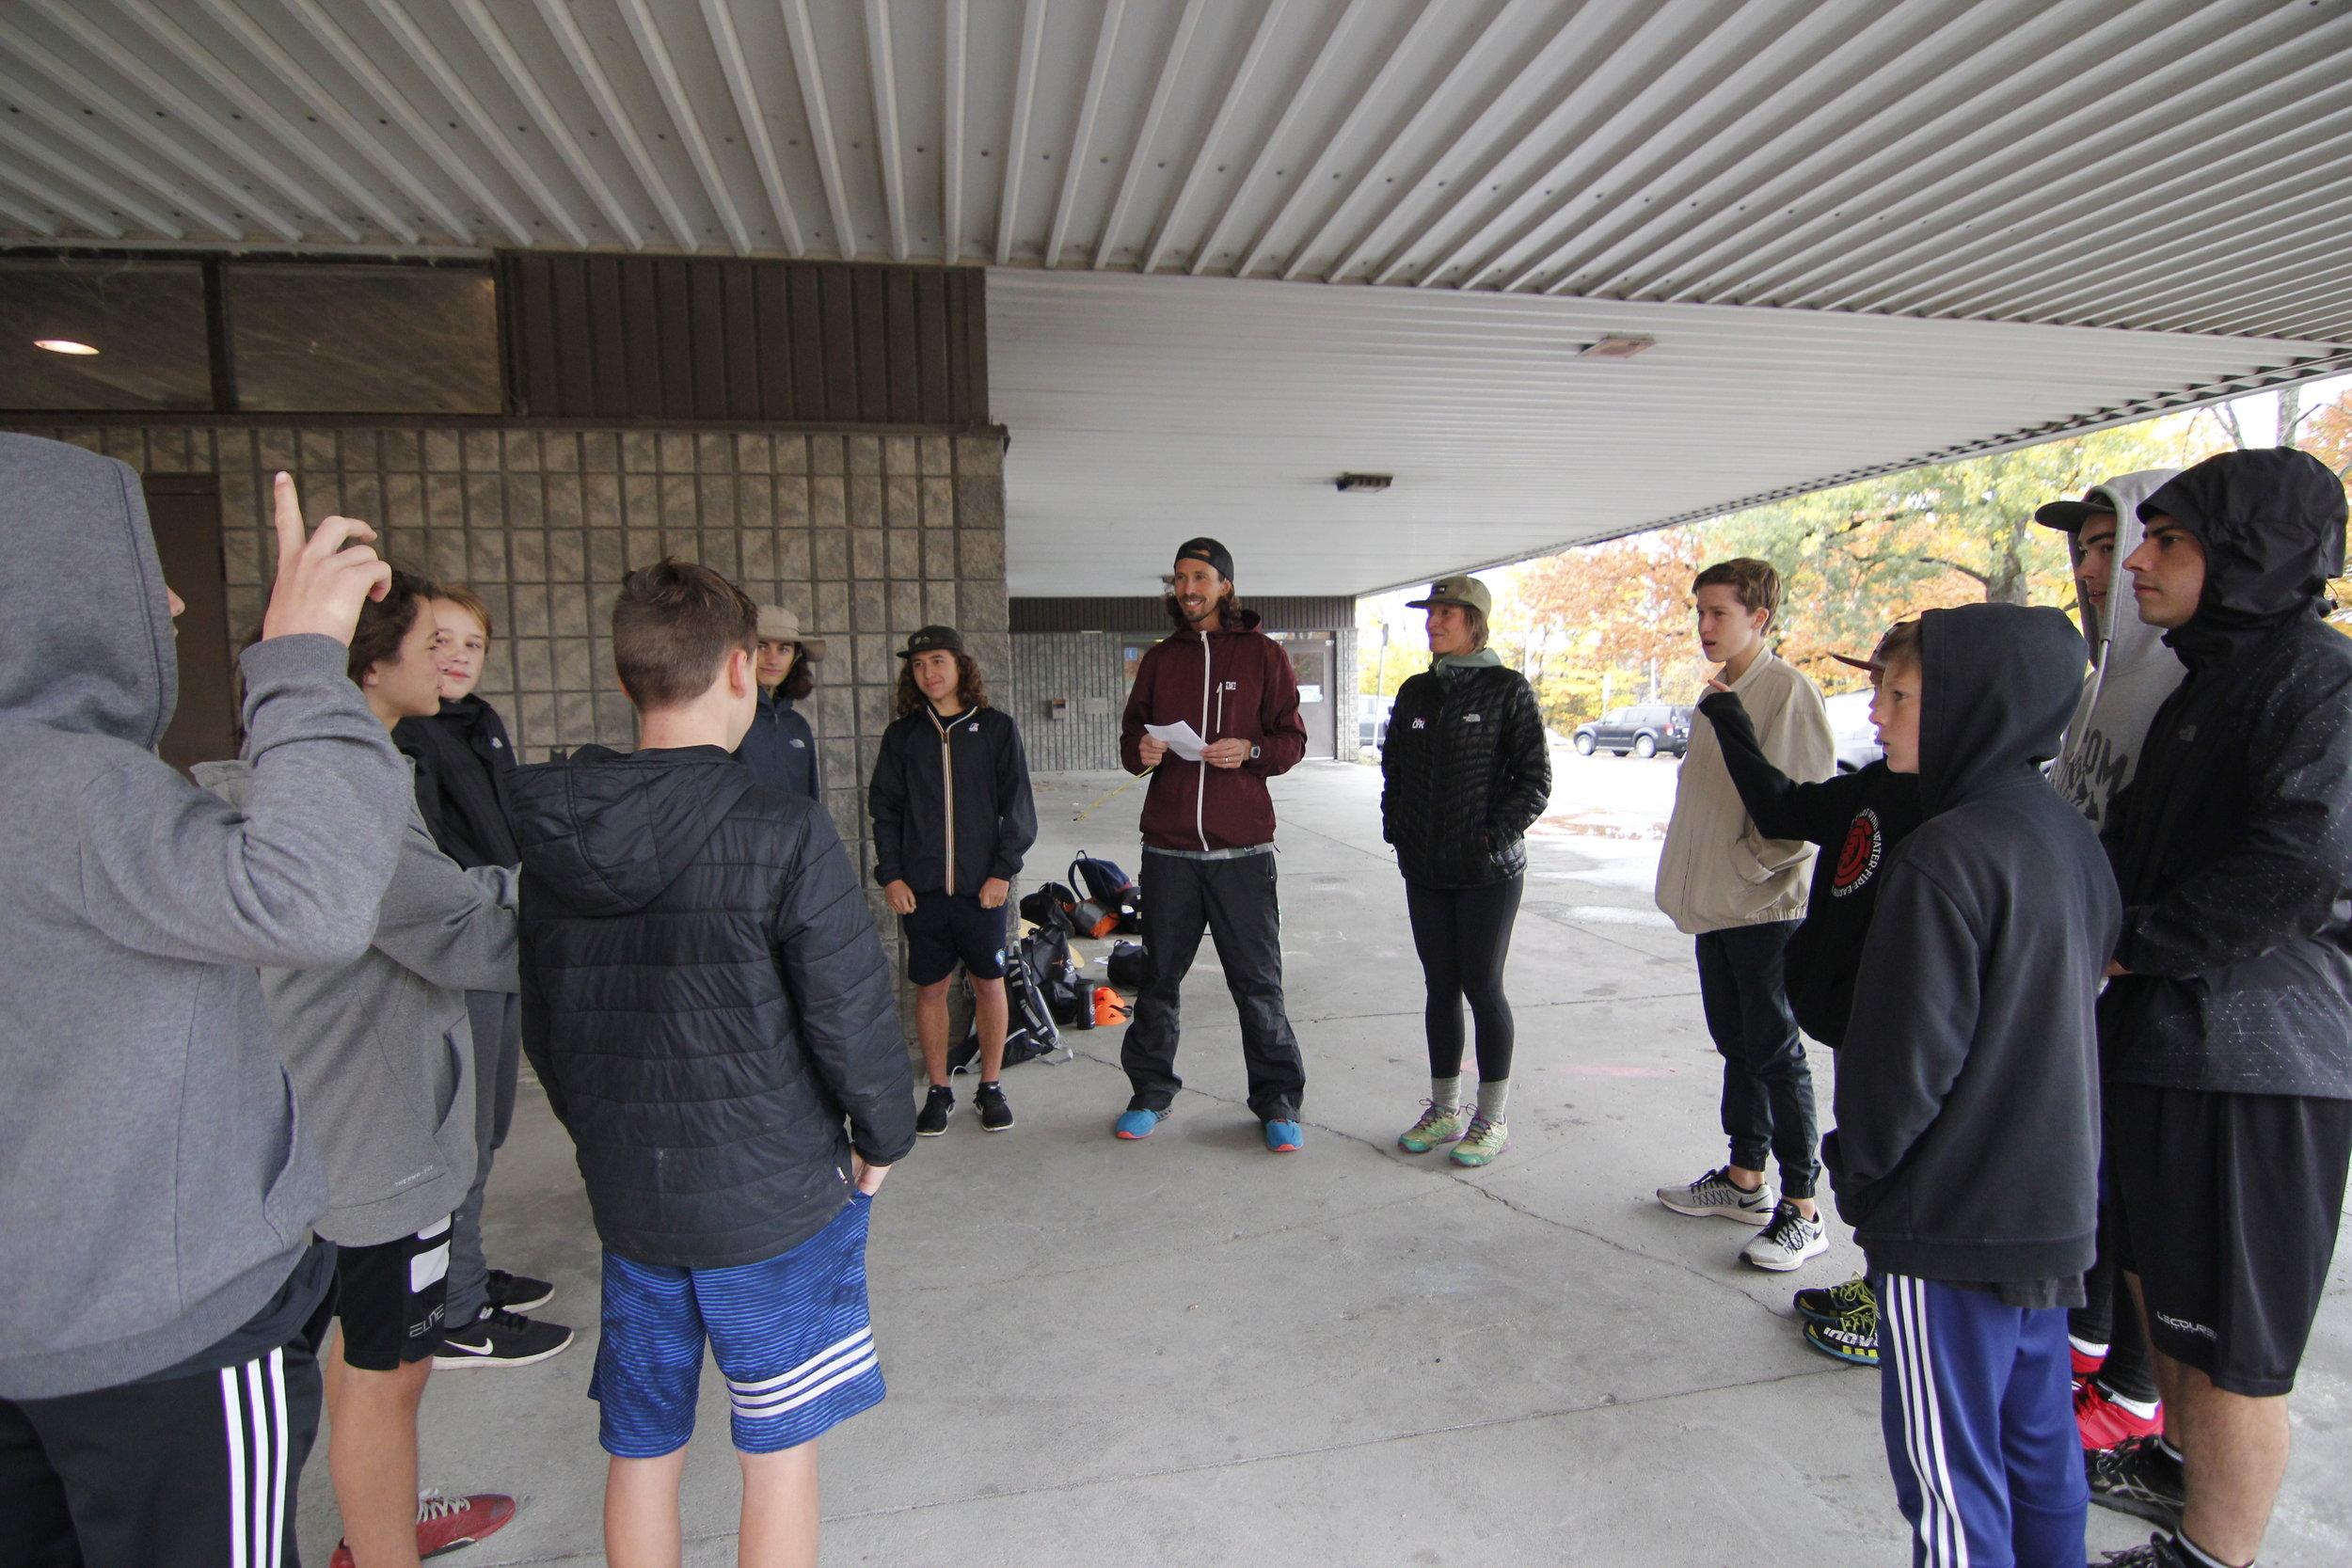 Échauffements avant d'entrer d'aller à l'intérieur pour notre premier entrainement de trampoline de la saison.